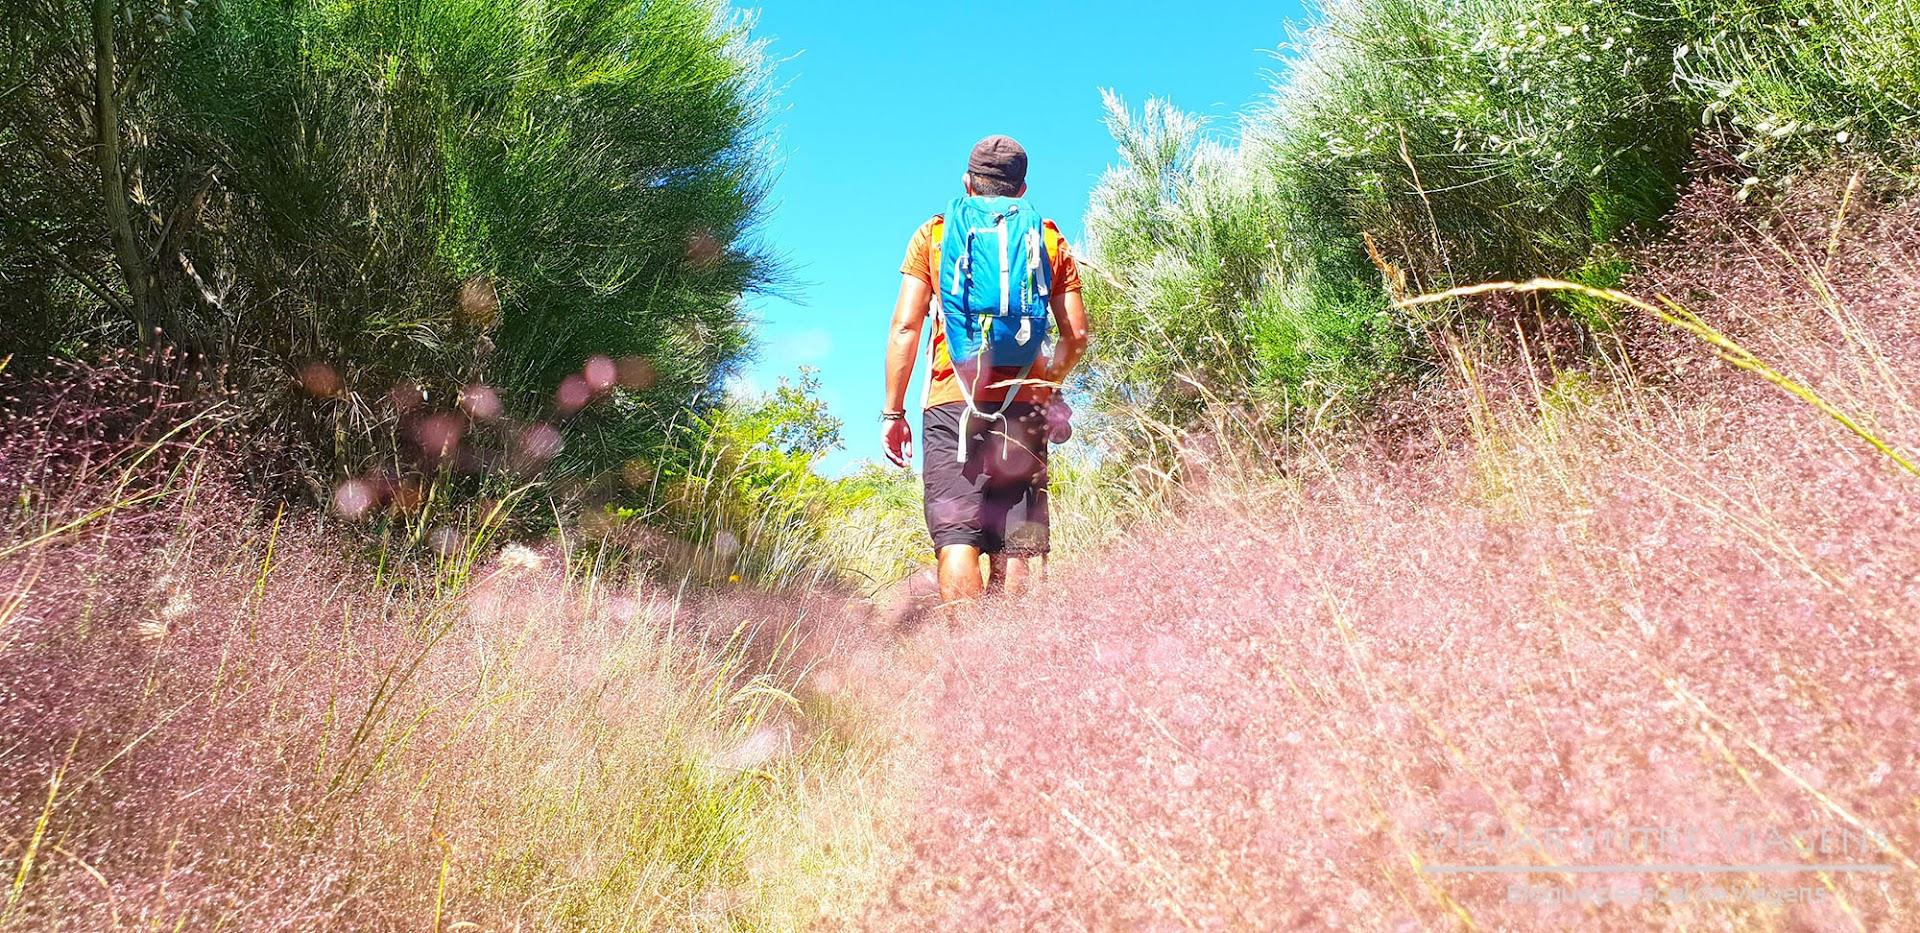 TRILHO DE PITÕES DAS JÚNIAS | 4 km de geologia, maravilhosas ruínas, cascatas e passadiços do Gerês